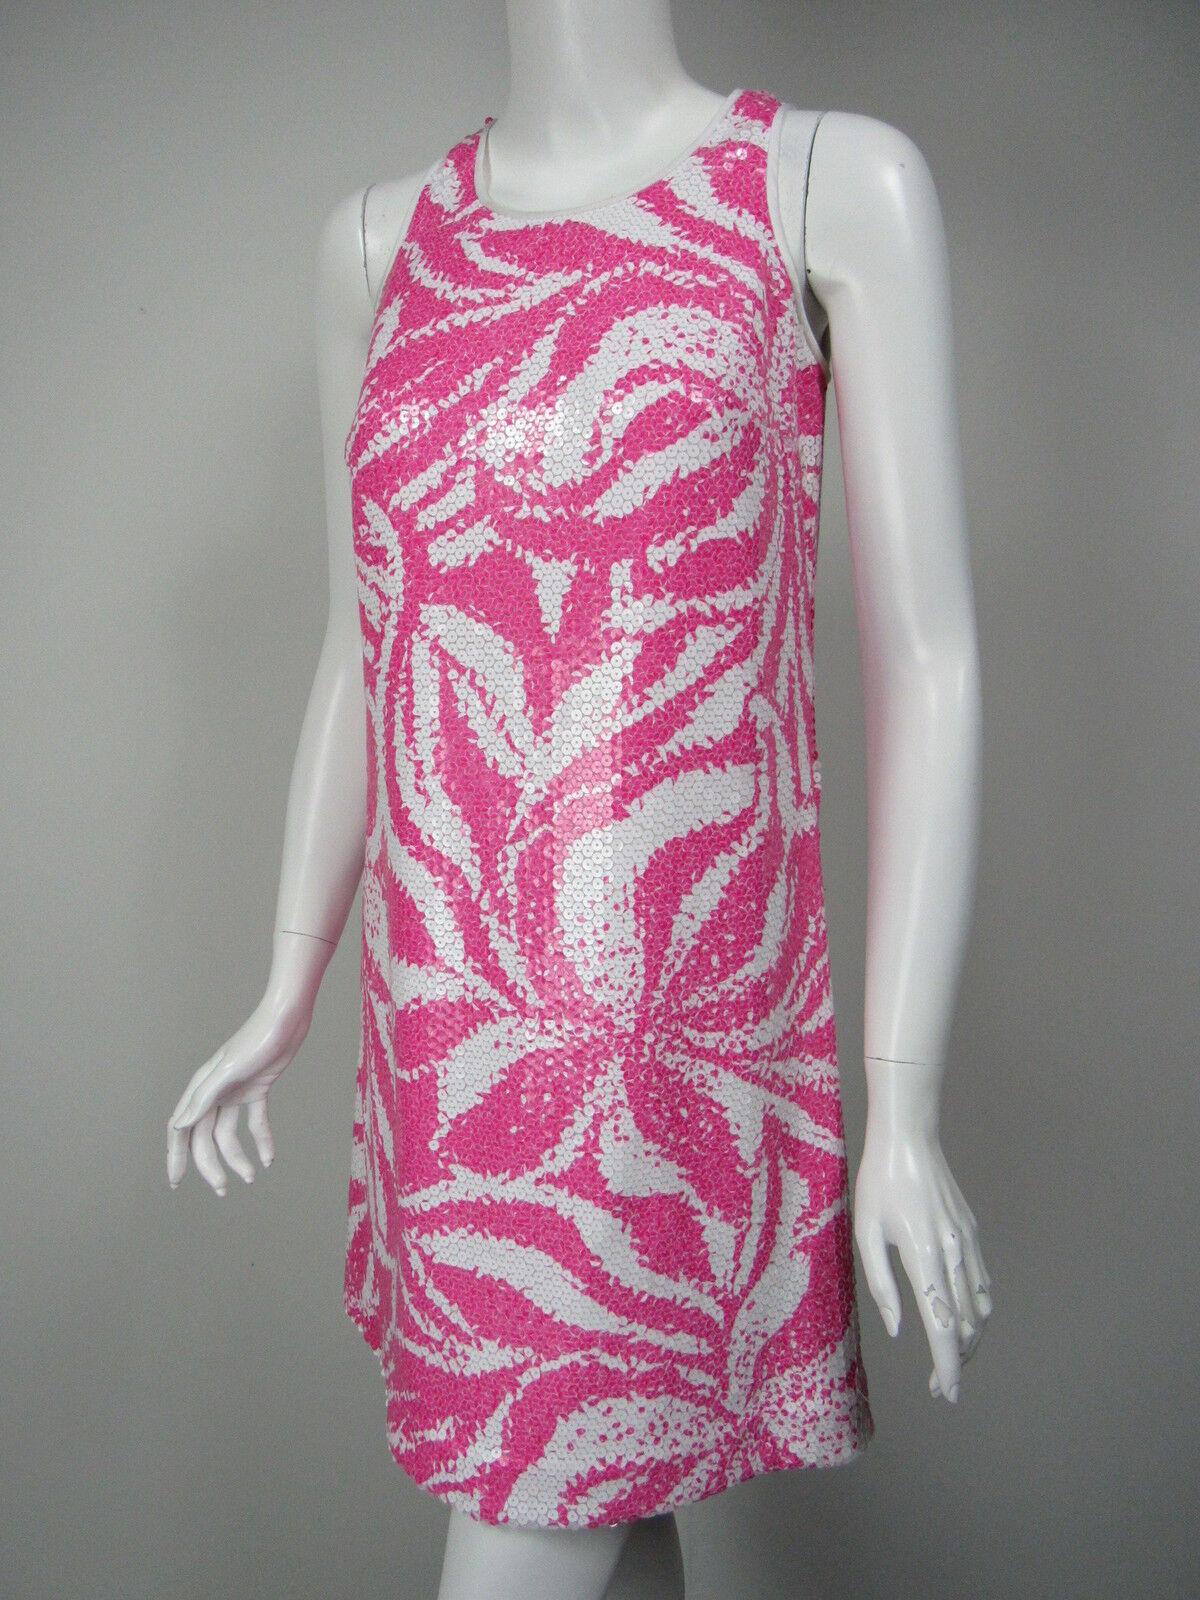 LILLY PULITZER Courtin Fuchsia White Print Sequin Covered Shift Shift Shift Dress sz 2 87fd83